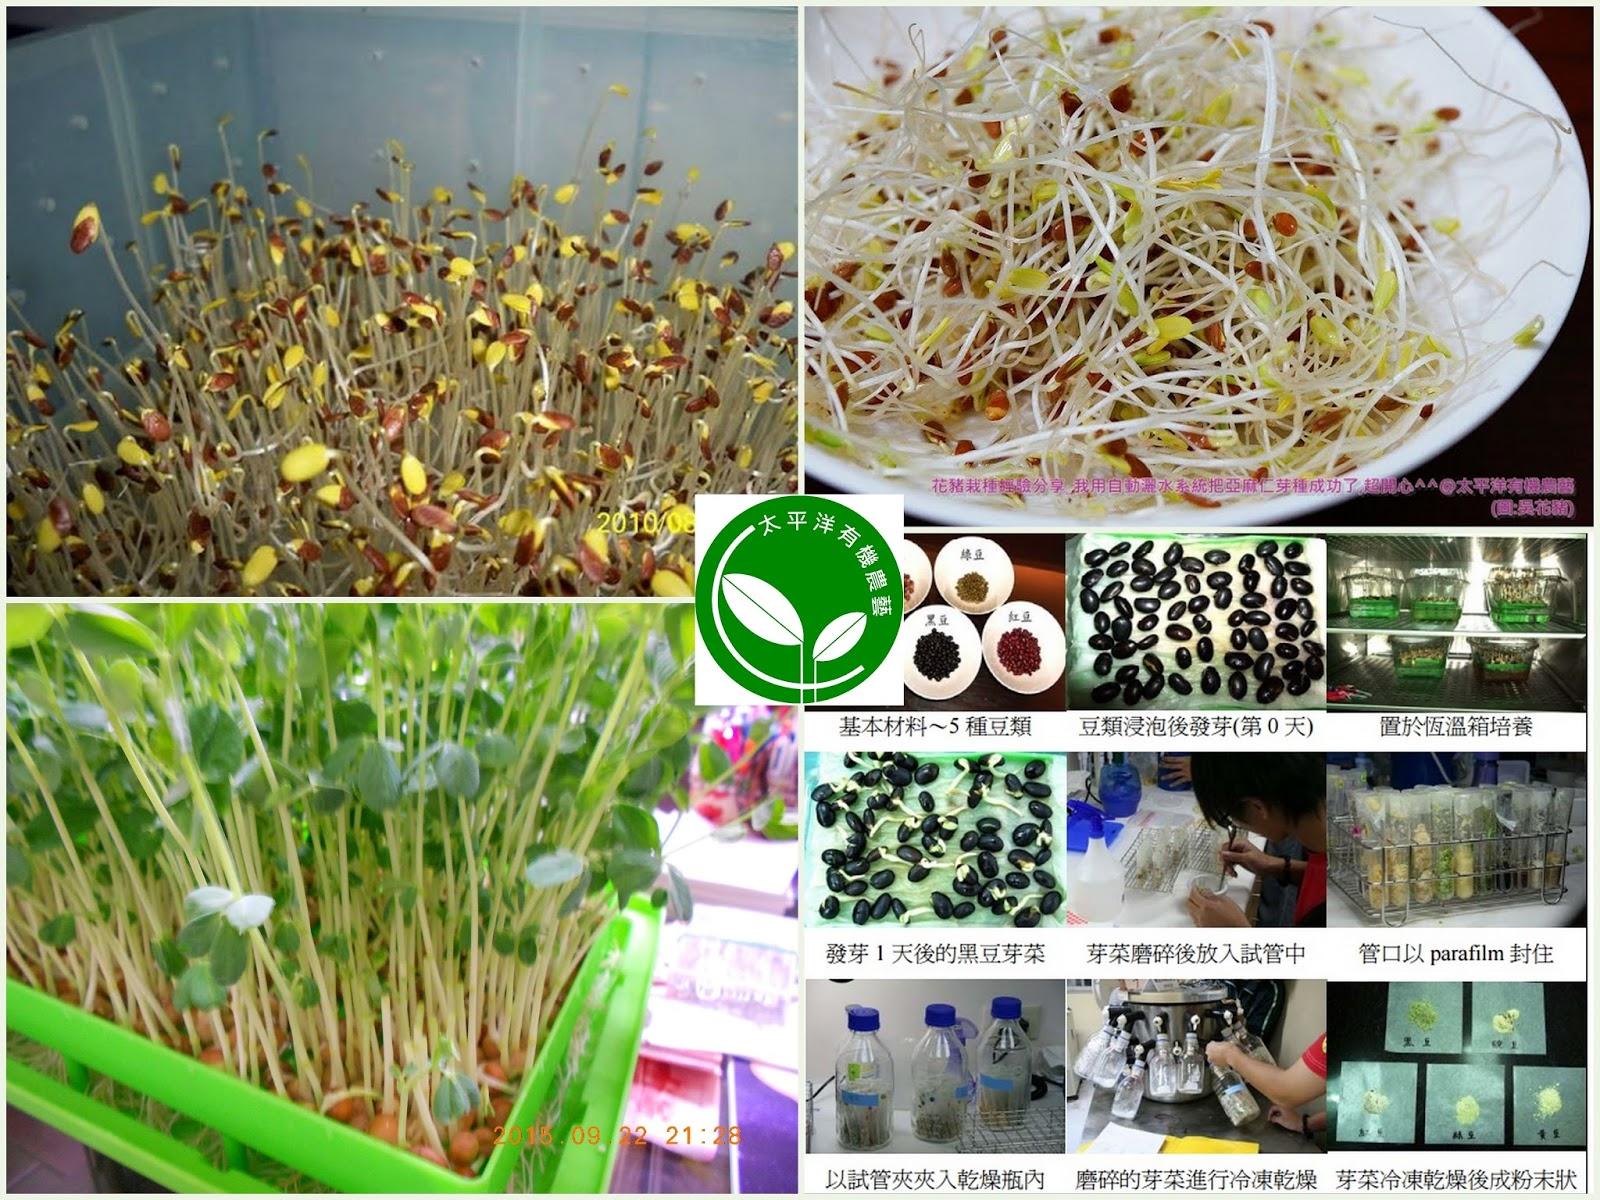 有機綠花椰芽菜苗 有機紫高麗芽菜苗 有機豌豆芽菜苗 有機小麥草(貓草)芽菜苗 有機空心菜芽菜苗 有機綠豆芽